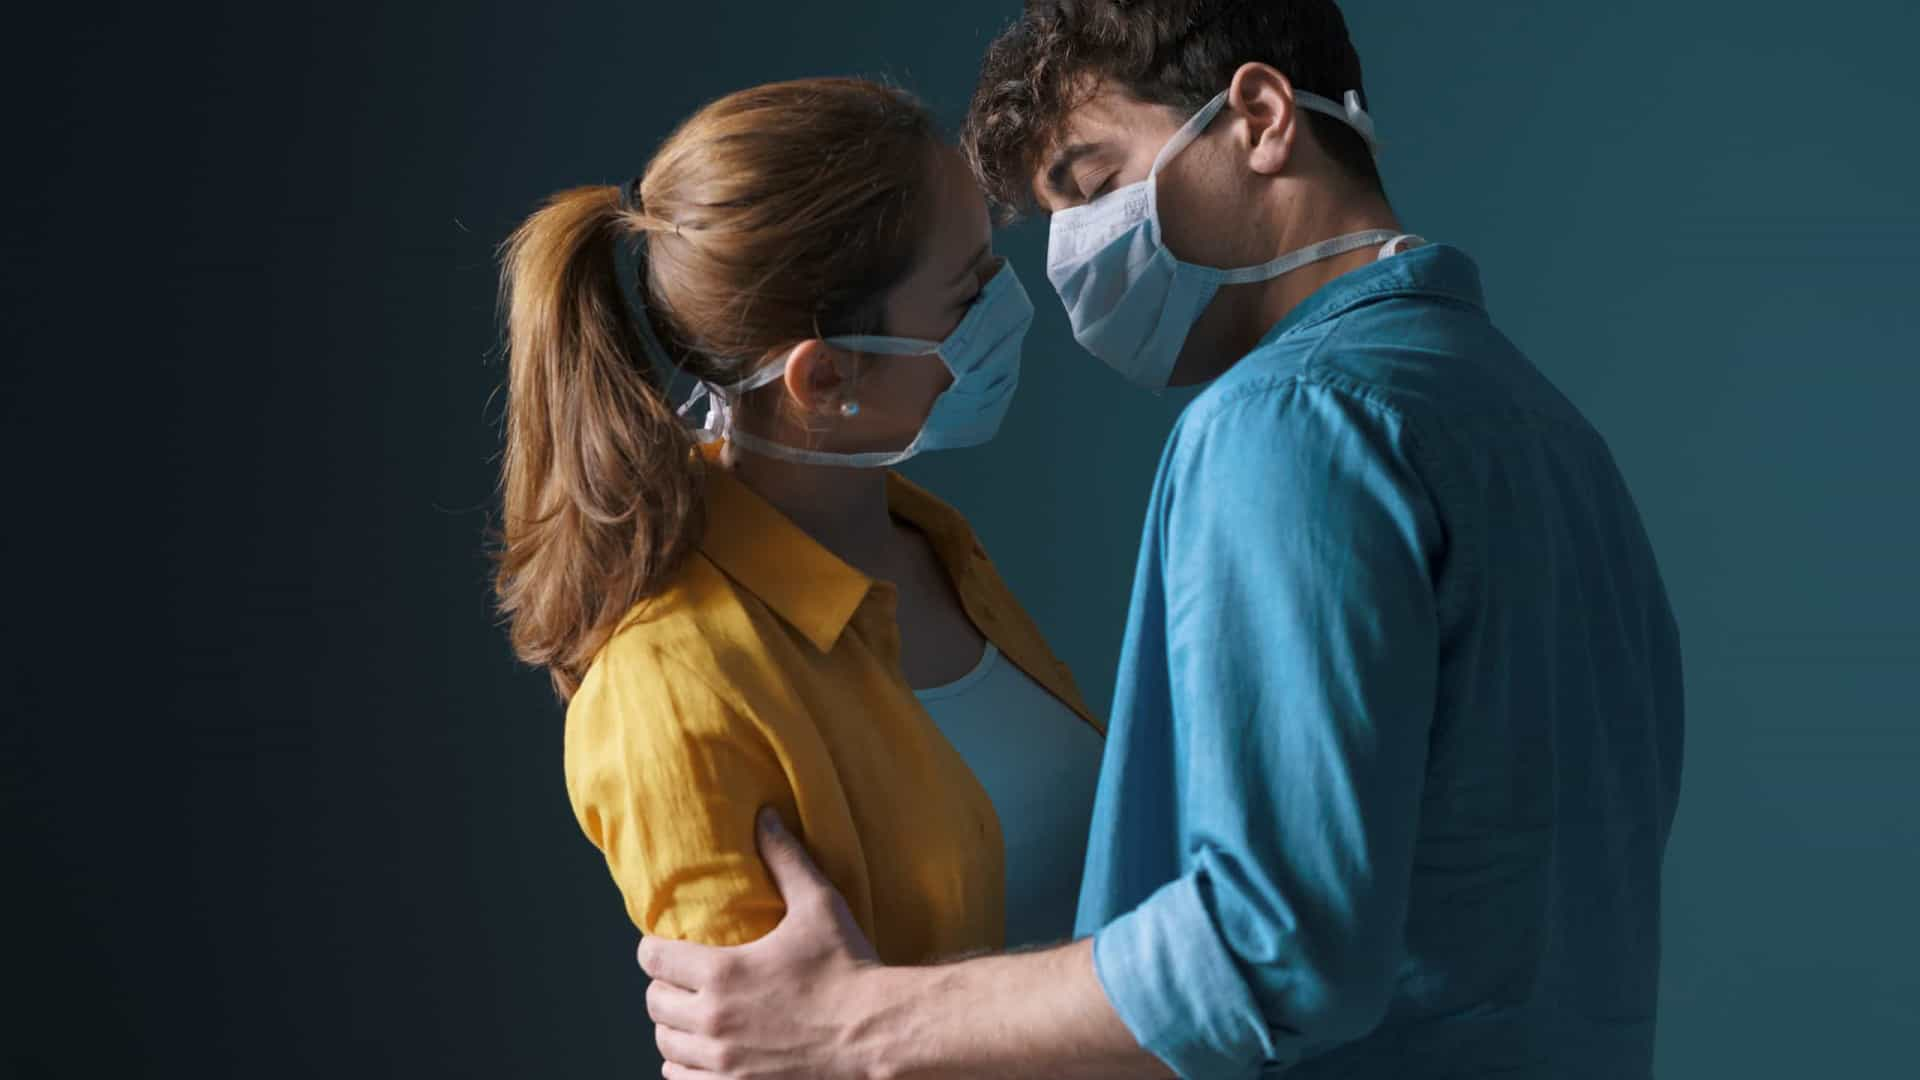 Proteção extra: Casais devem usar máscaras durante o sexo, afirma estudo